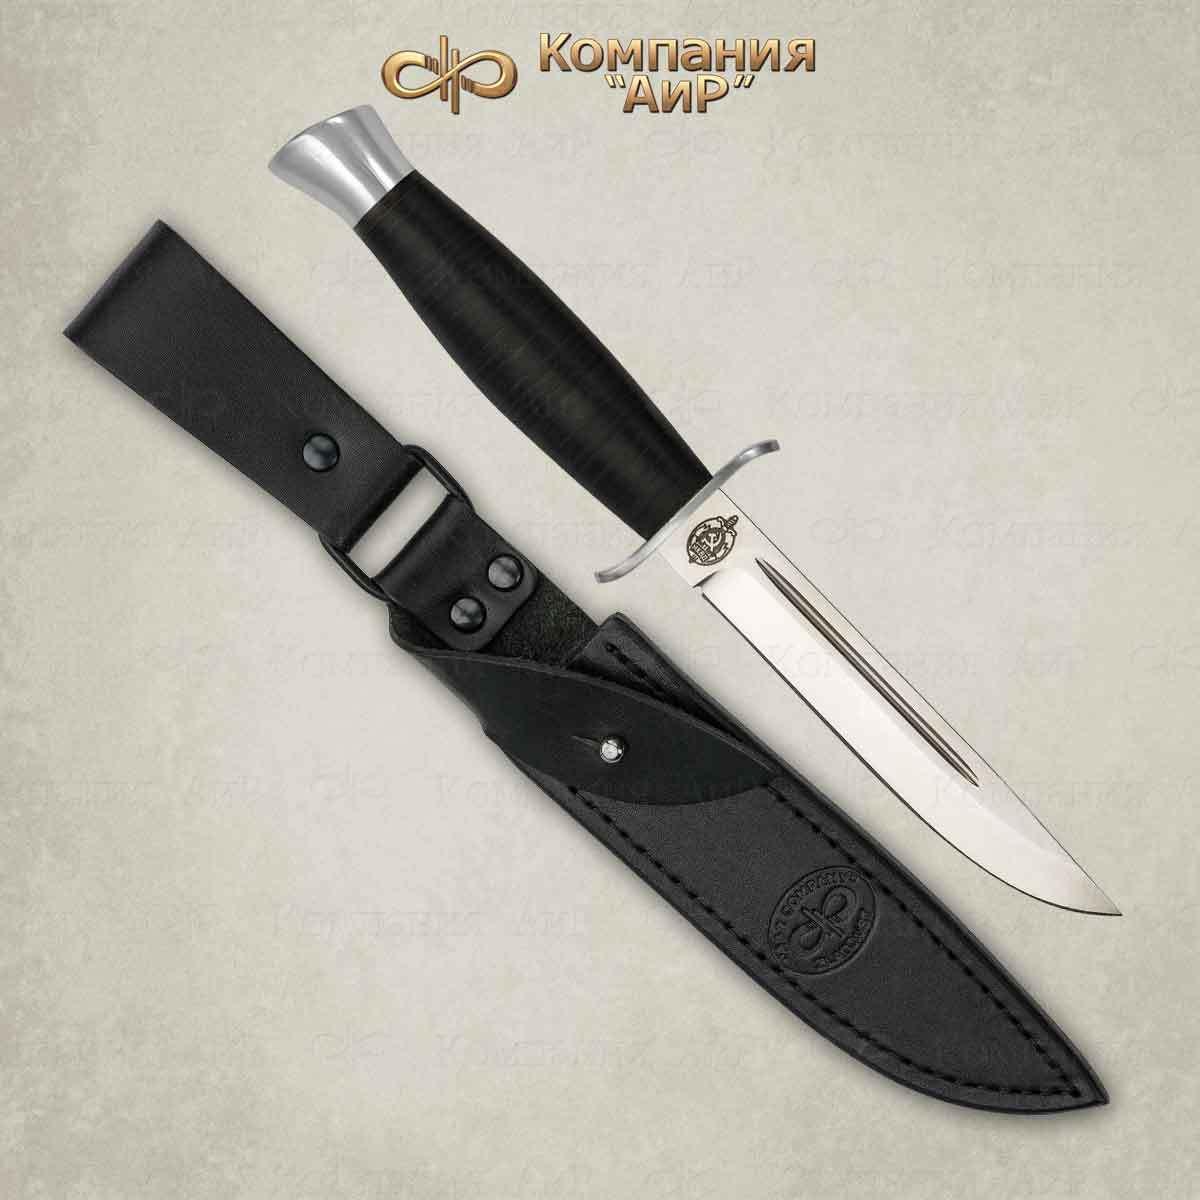 Нож АиР Финка-2, сталь ЭП-766, рукоять кожа электропривод тсс эп 2 2 220